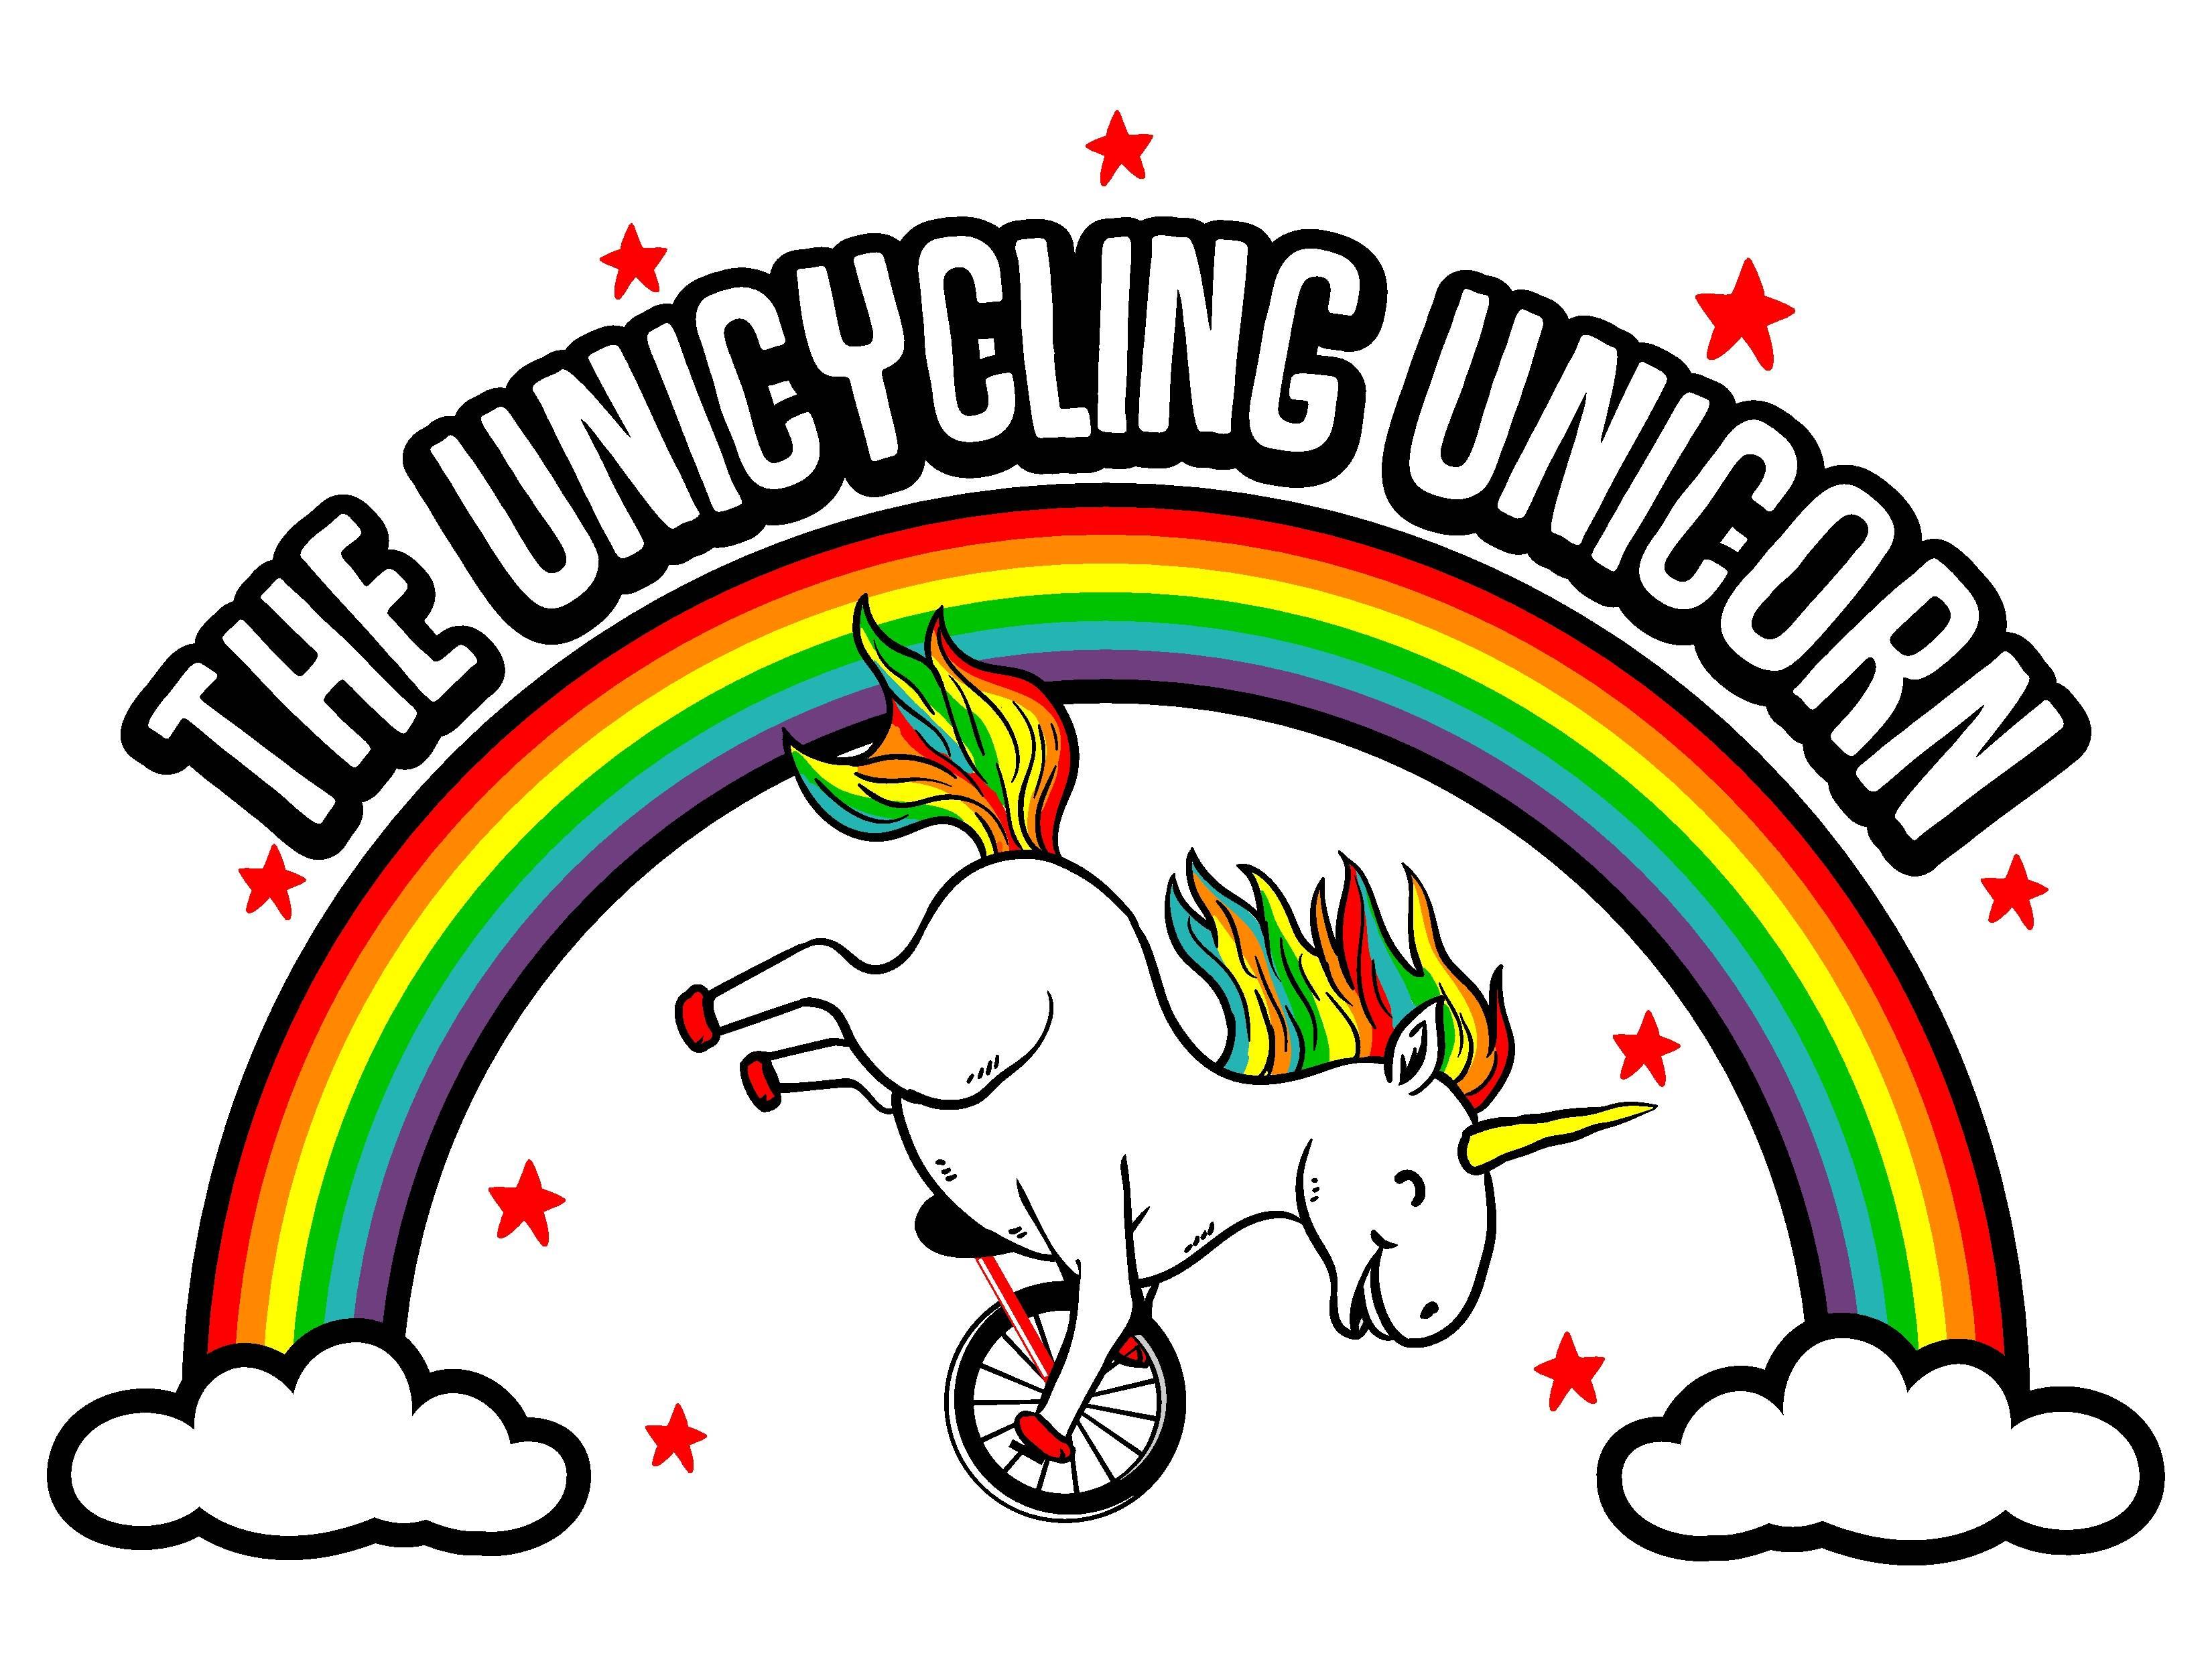 The Unicycling Unicorn Logo